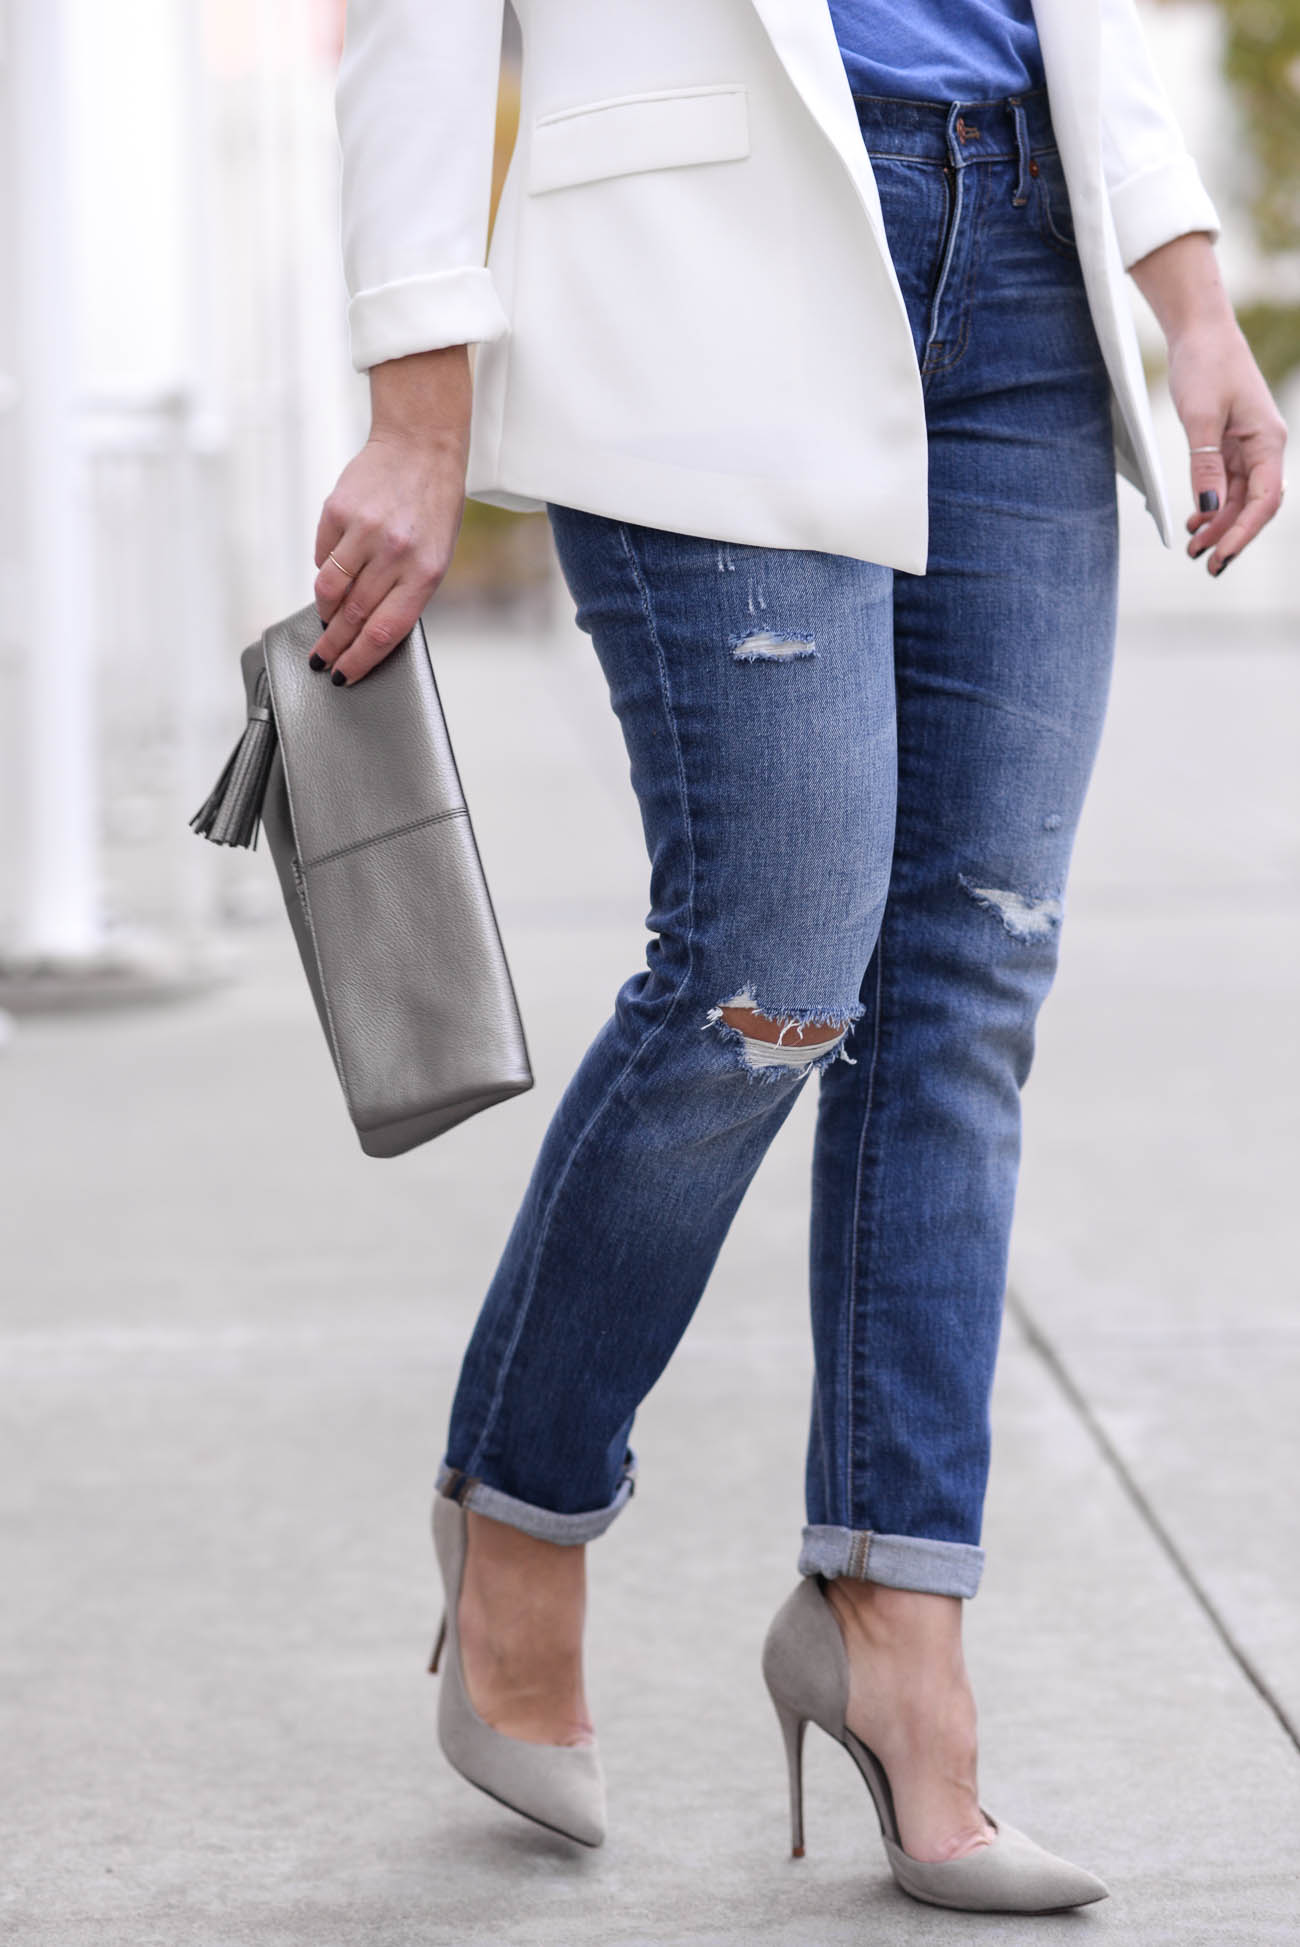 белые туфли на каблуке под джинсы фото располагались внешних гондолах